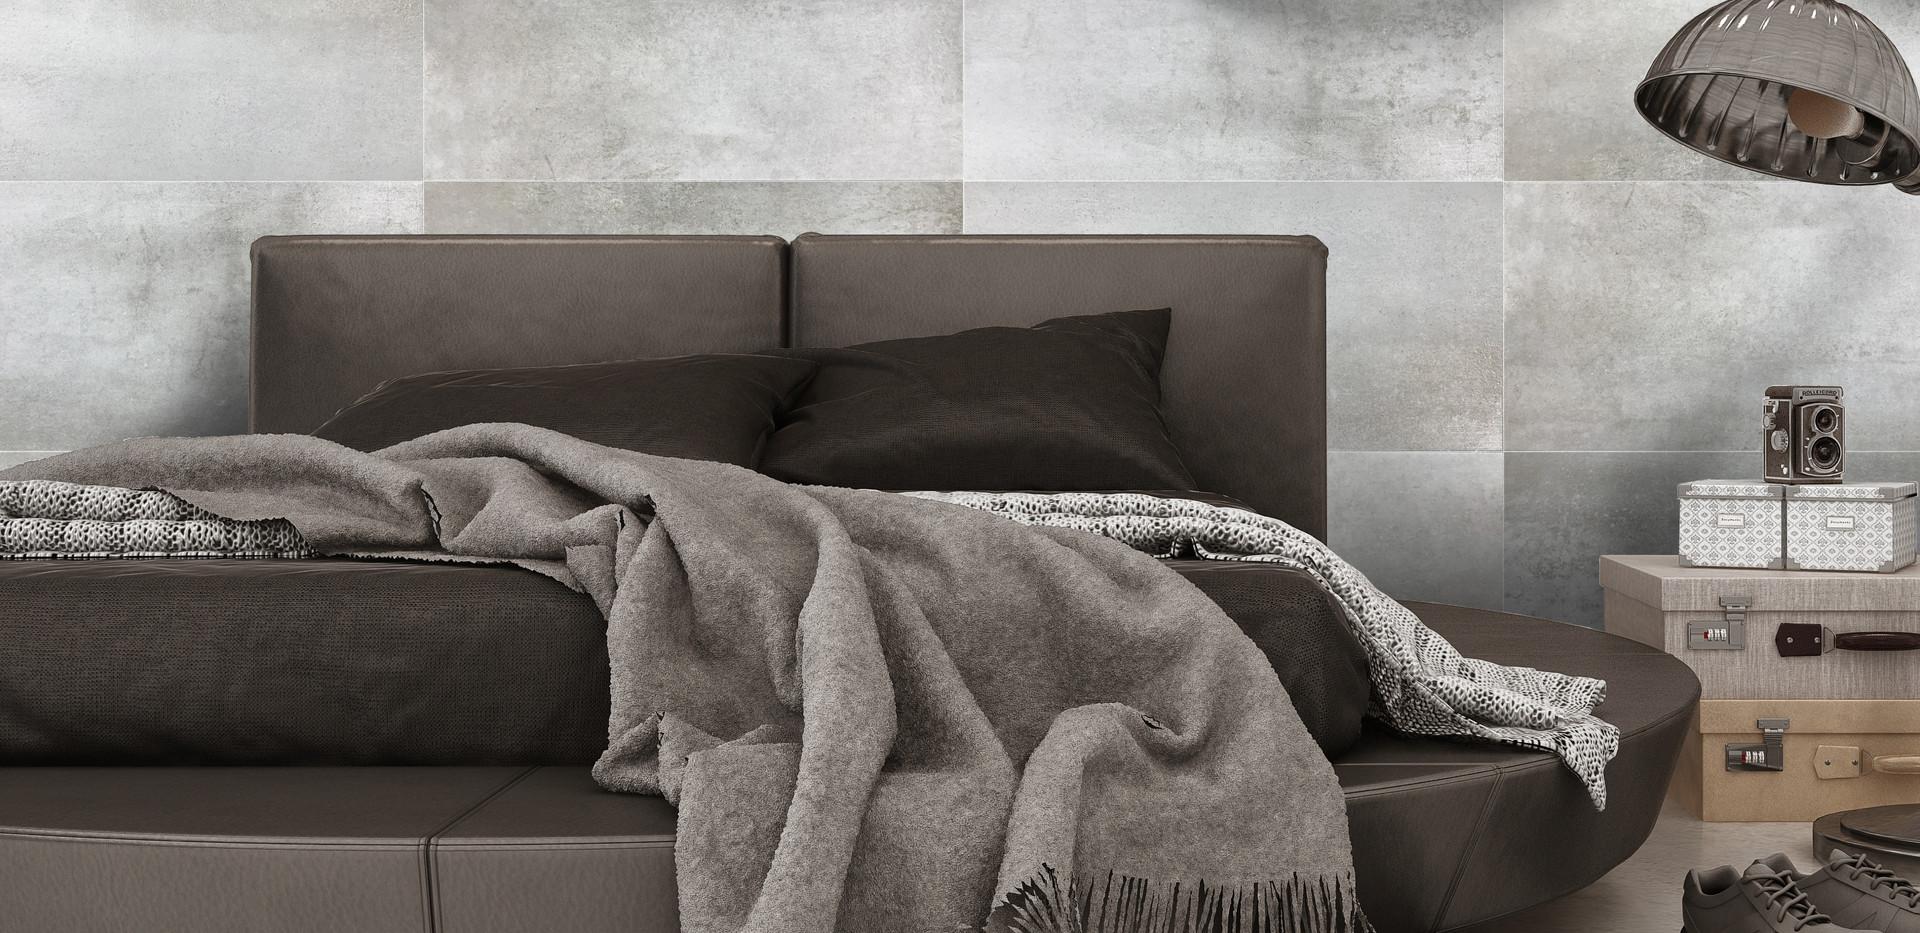 Foundry_Bed_Room_FDY10_12x24_Alumina_01v